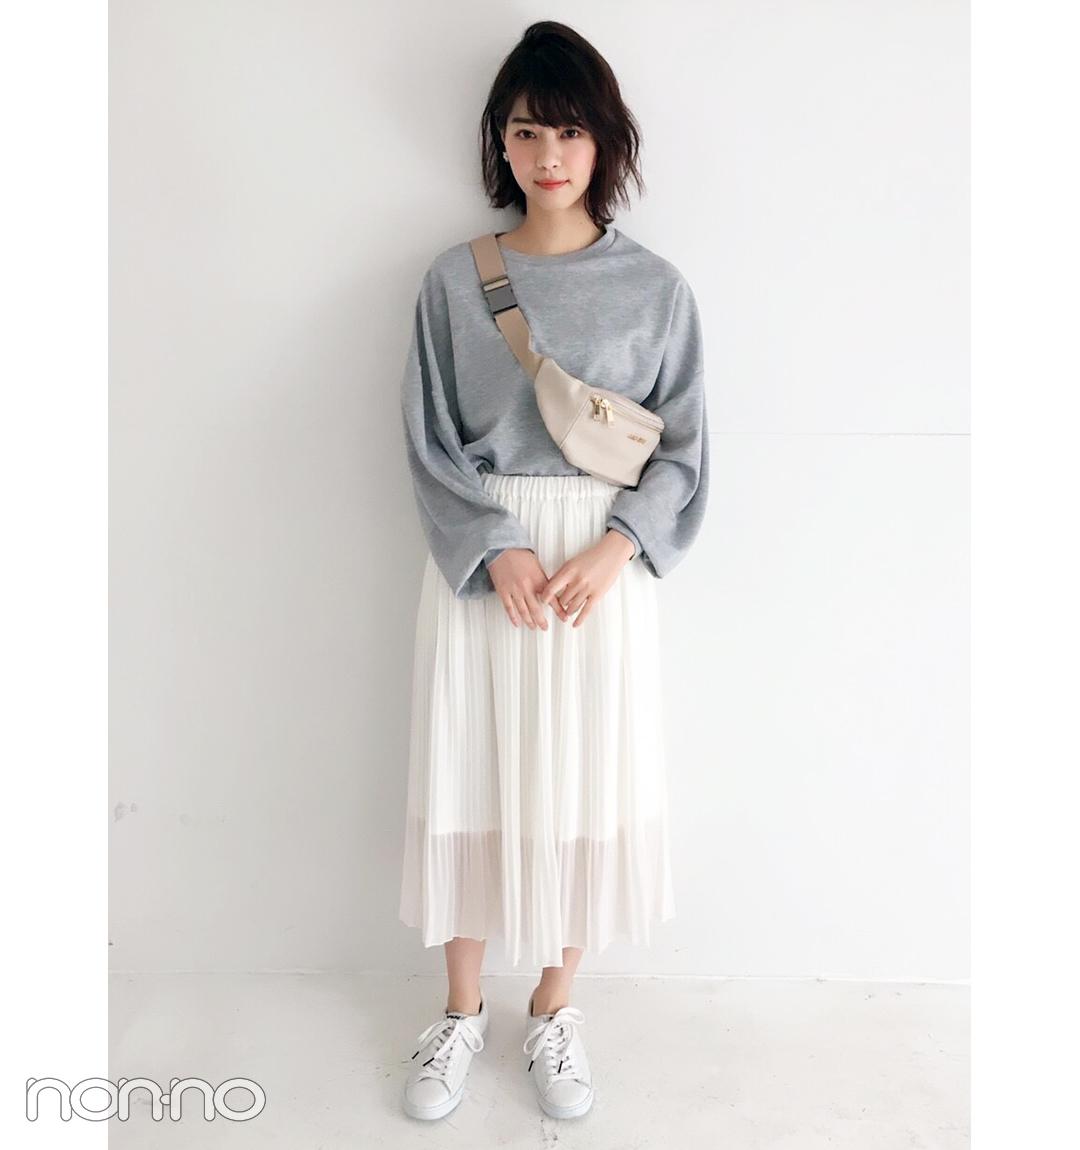 西野七瀬は白スカートにスポーツMIXでモテカジュアルにトライ♡【毎日コーデ】